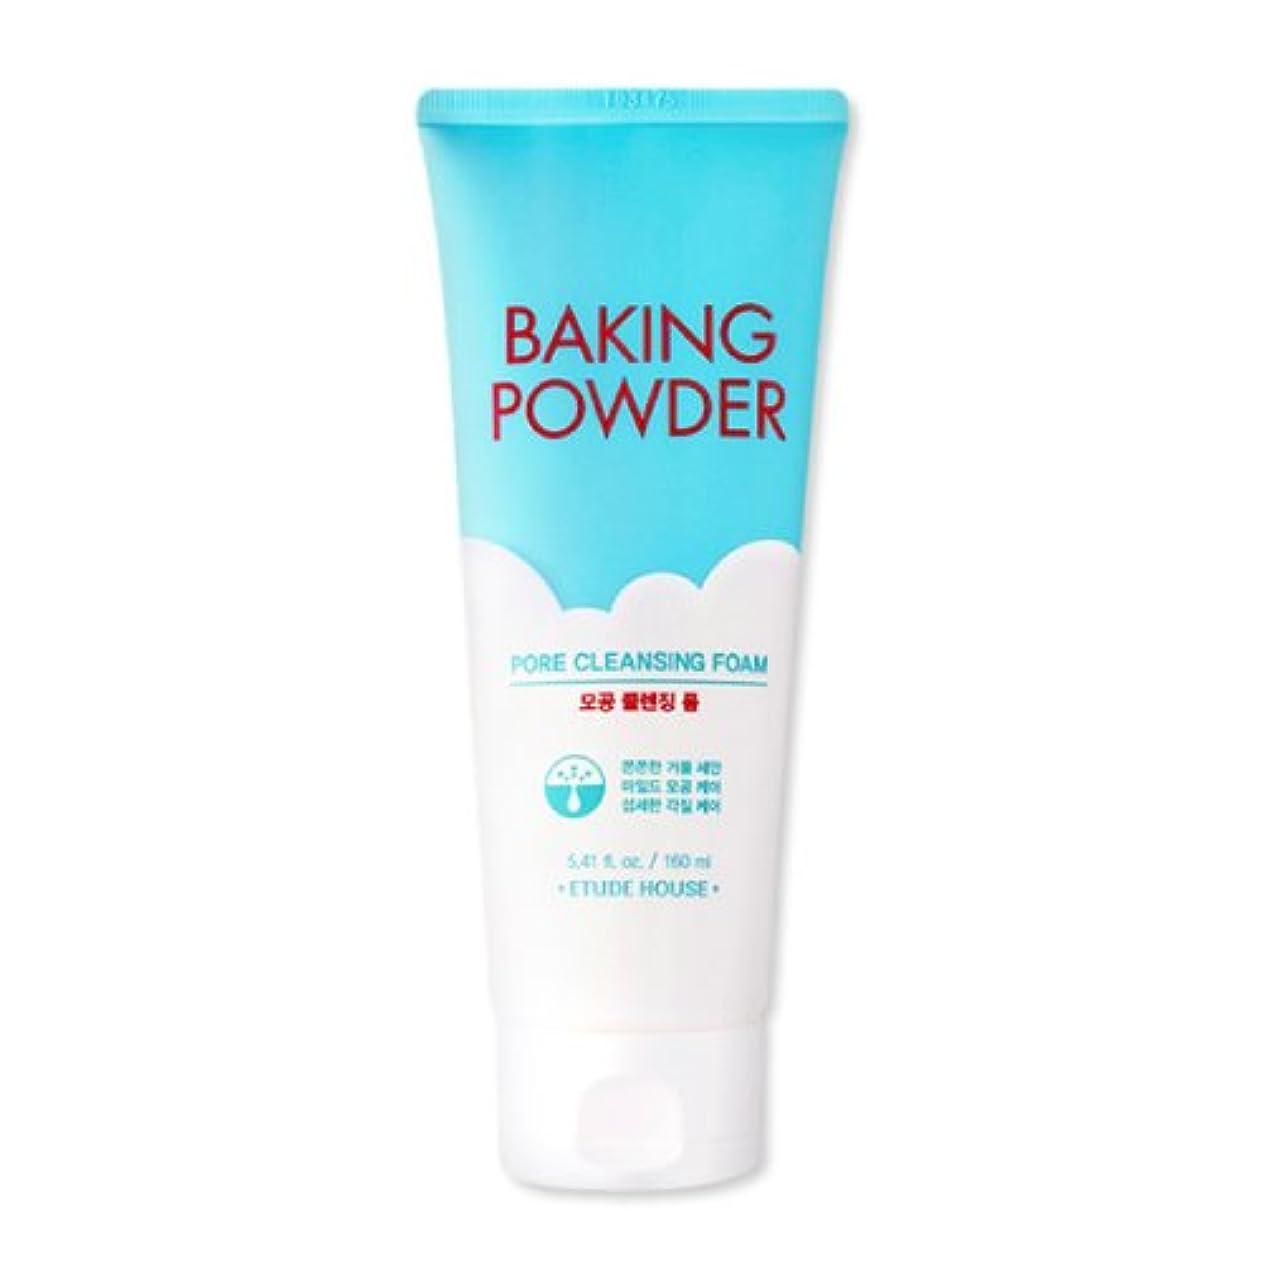 ブレイズ概念賞賛する[エチュードハウス] Etude House ベーキングパウダー毛穴クレンジングフォーム160ml Baking Powder Pore Cleansing Foam (海外直送品) [並行輸入品]